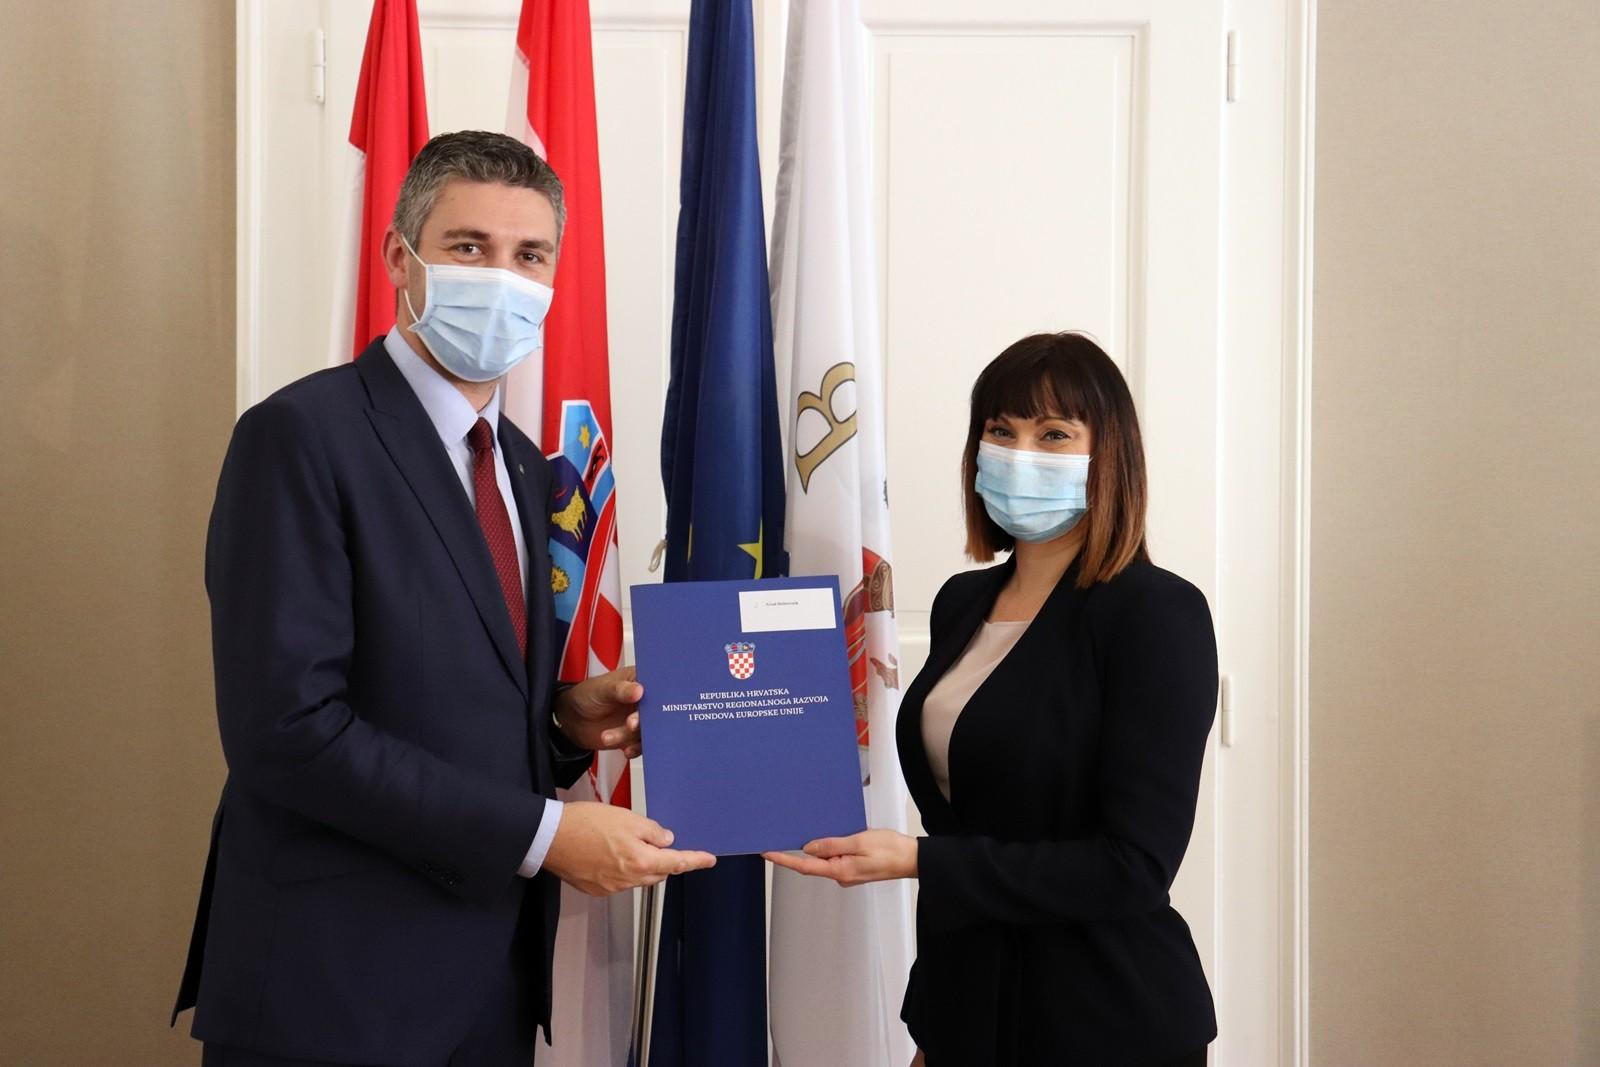 Uručen ugovor o sufinanciranju adaptacije i sanacije zgrade Doma kulture na Koločepu